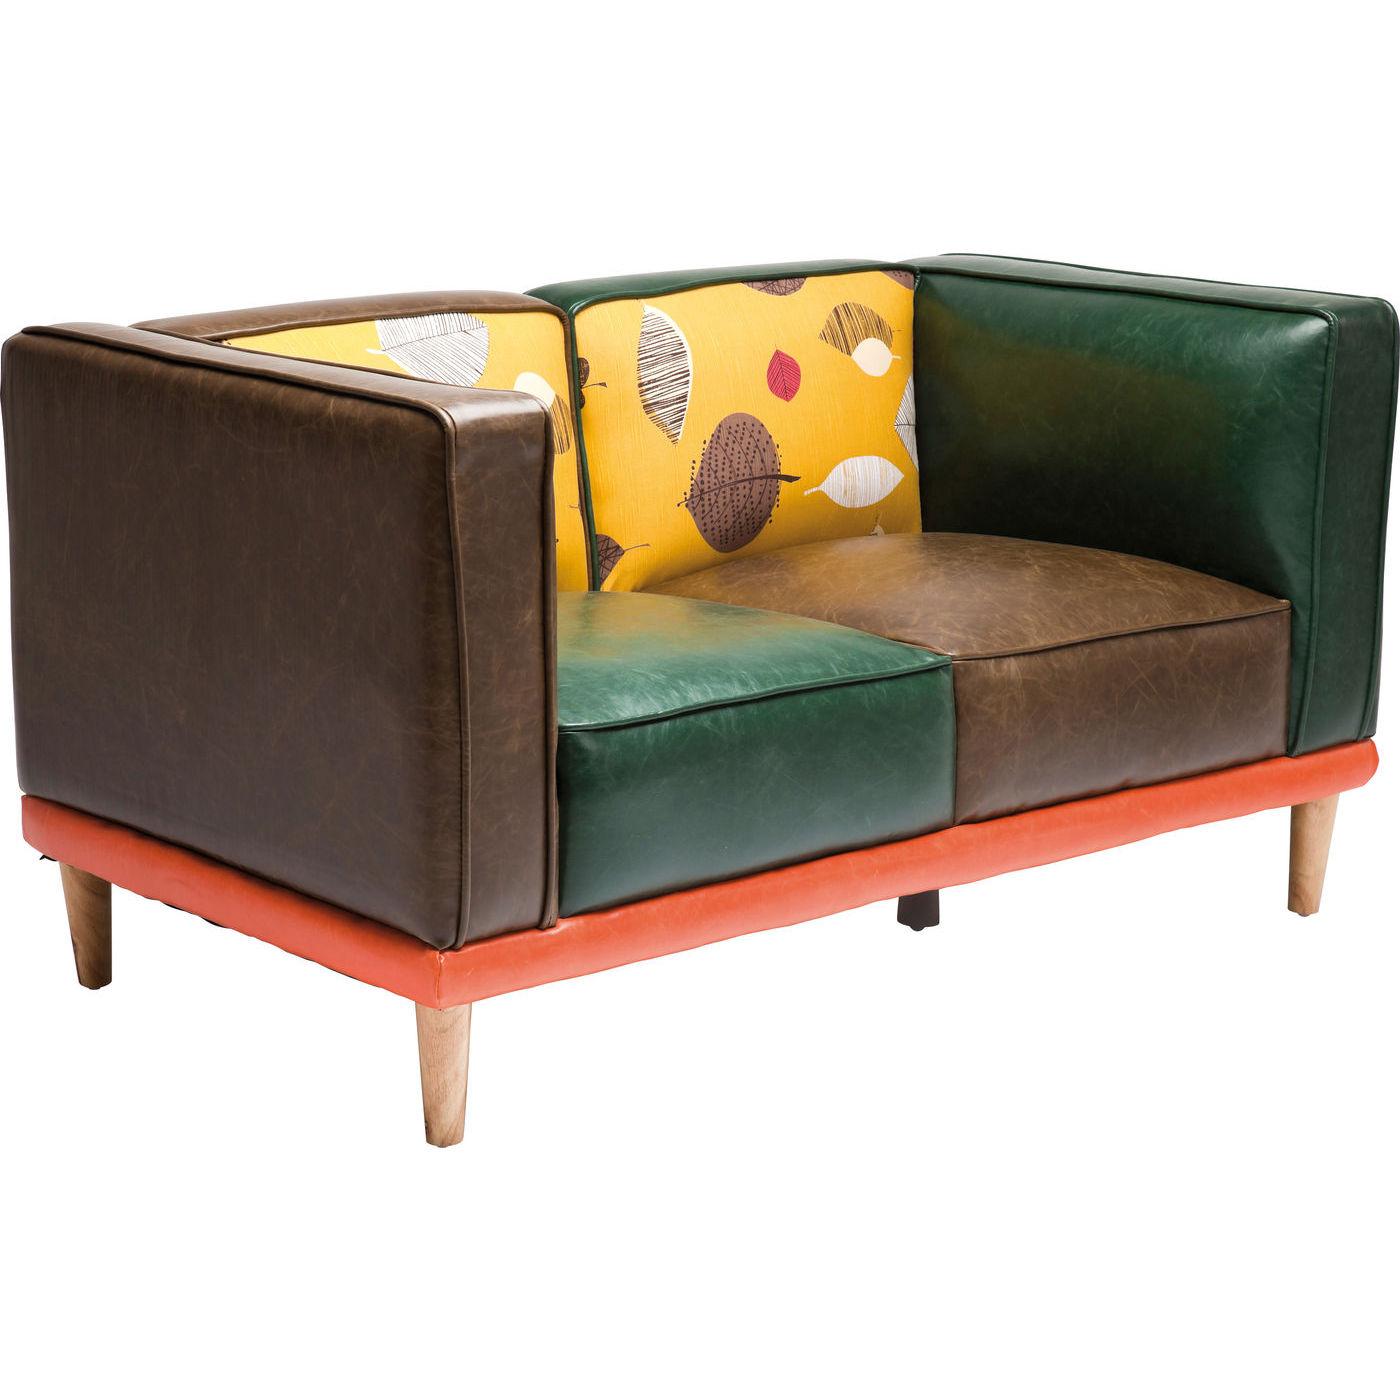 sofa leaf 2 pers virkelig speciel og farverig anderledes. Black Bedroom Furniture Sets. Home Design Ideas